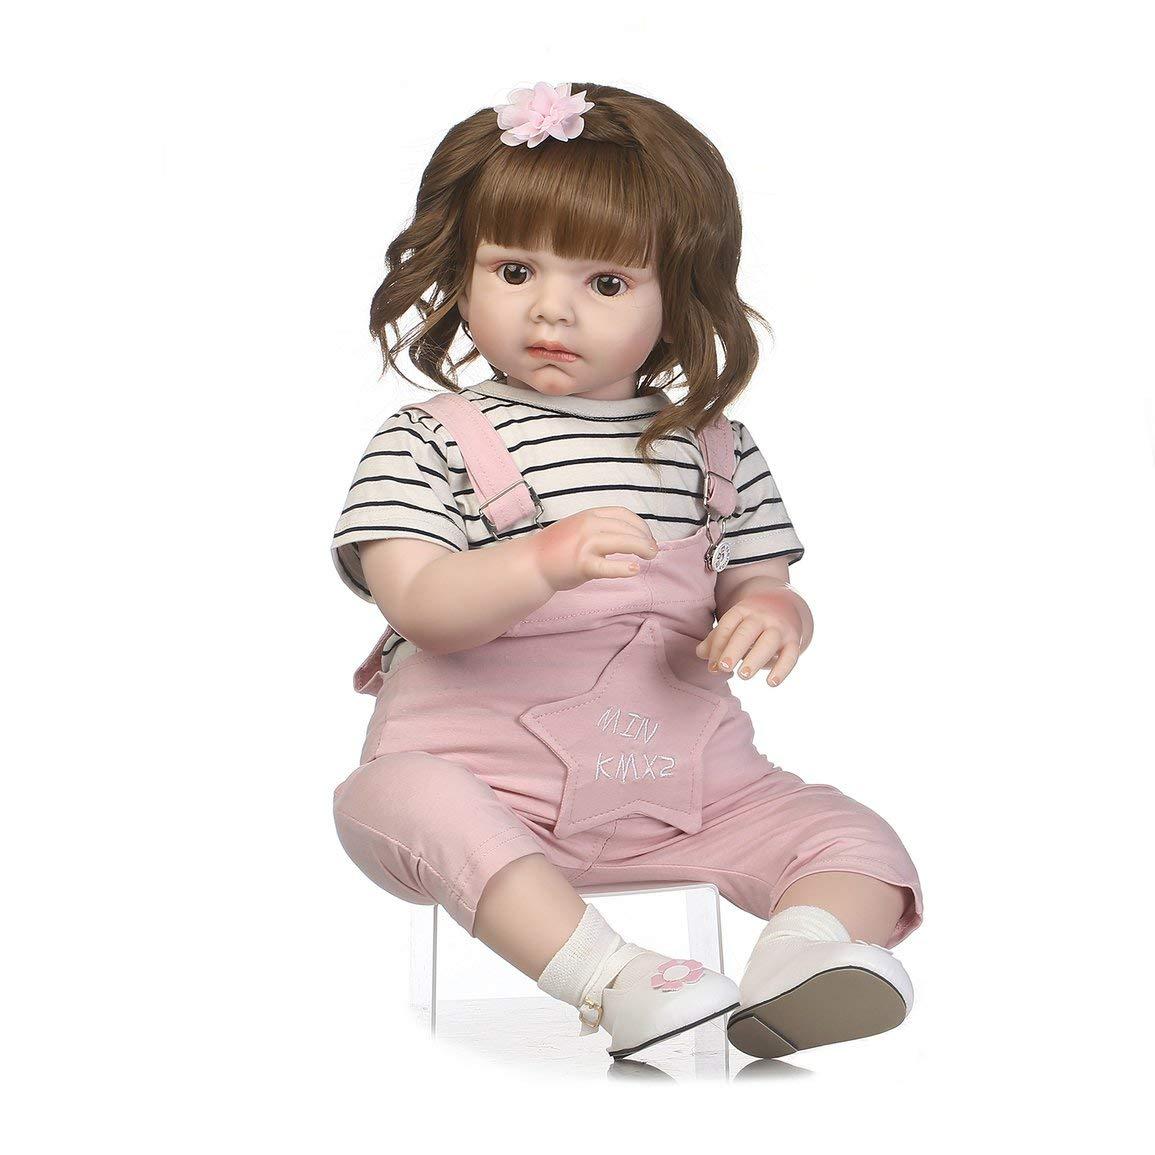 Bambola di reborn del bambino di simulazione di 70cm che porta i puntelli di fotografia della bambola appena nata dei pagliaccetti